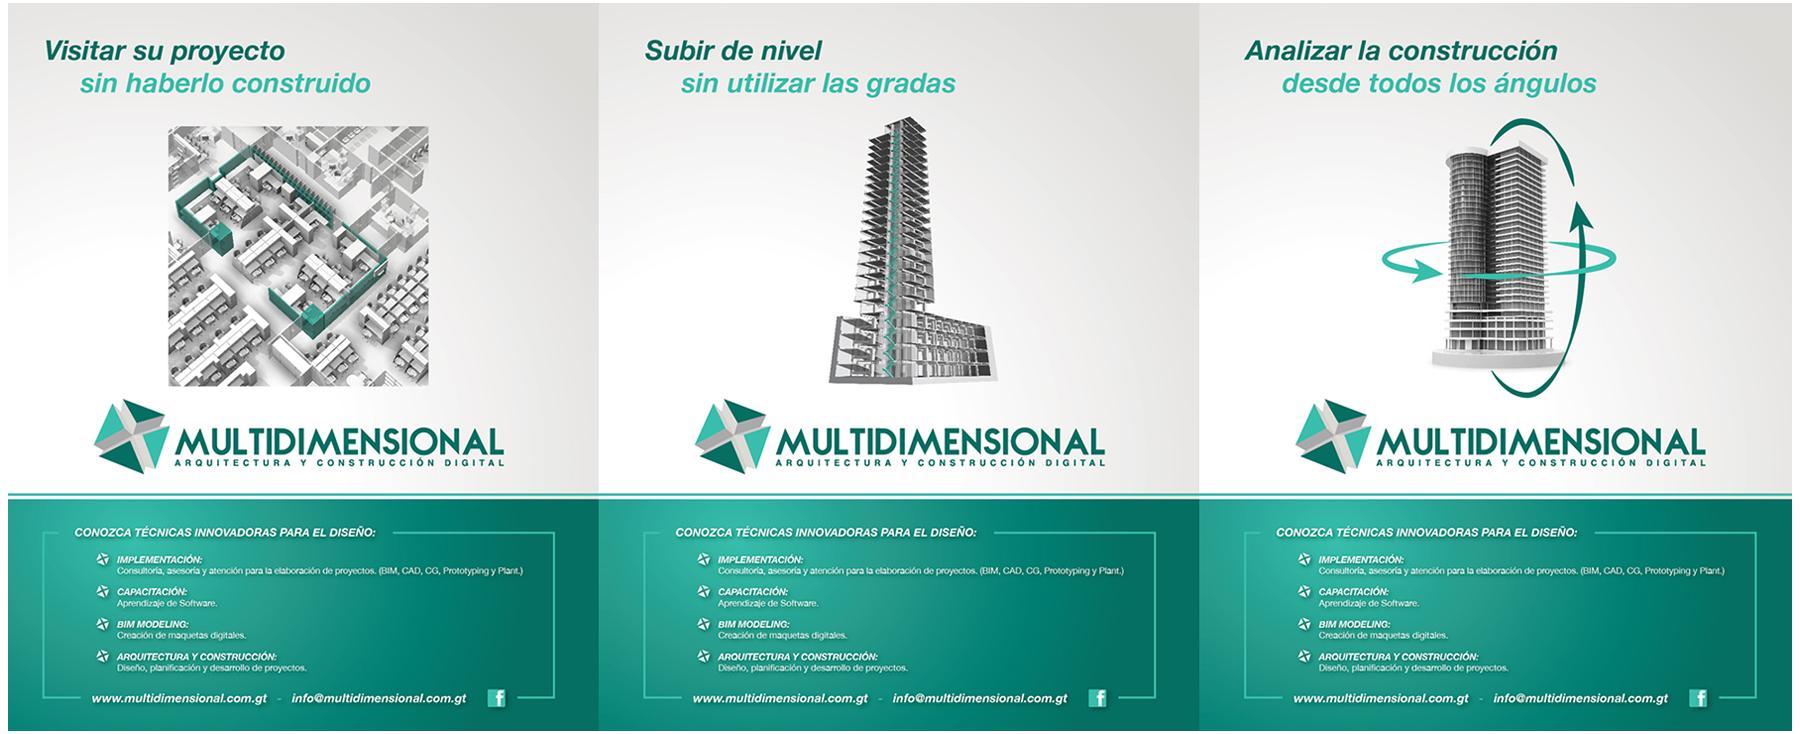 ARQUITECTURA Y CONSTRUCCIÓN DIGITAL